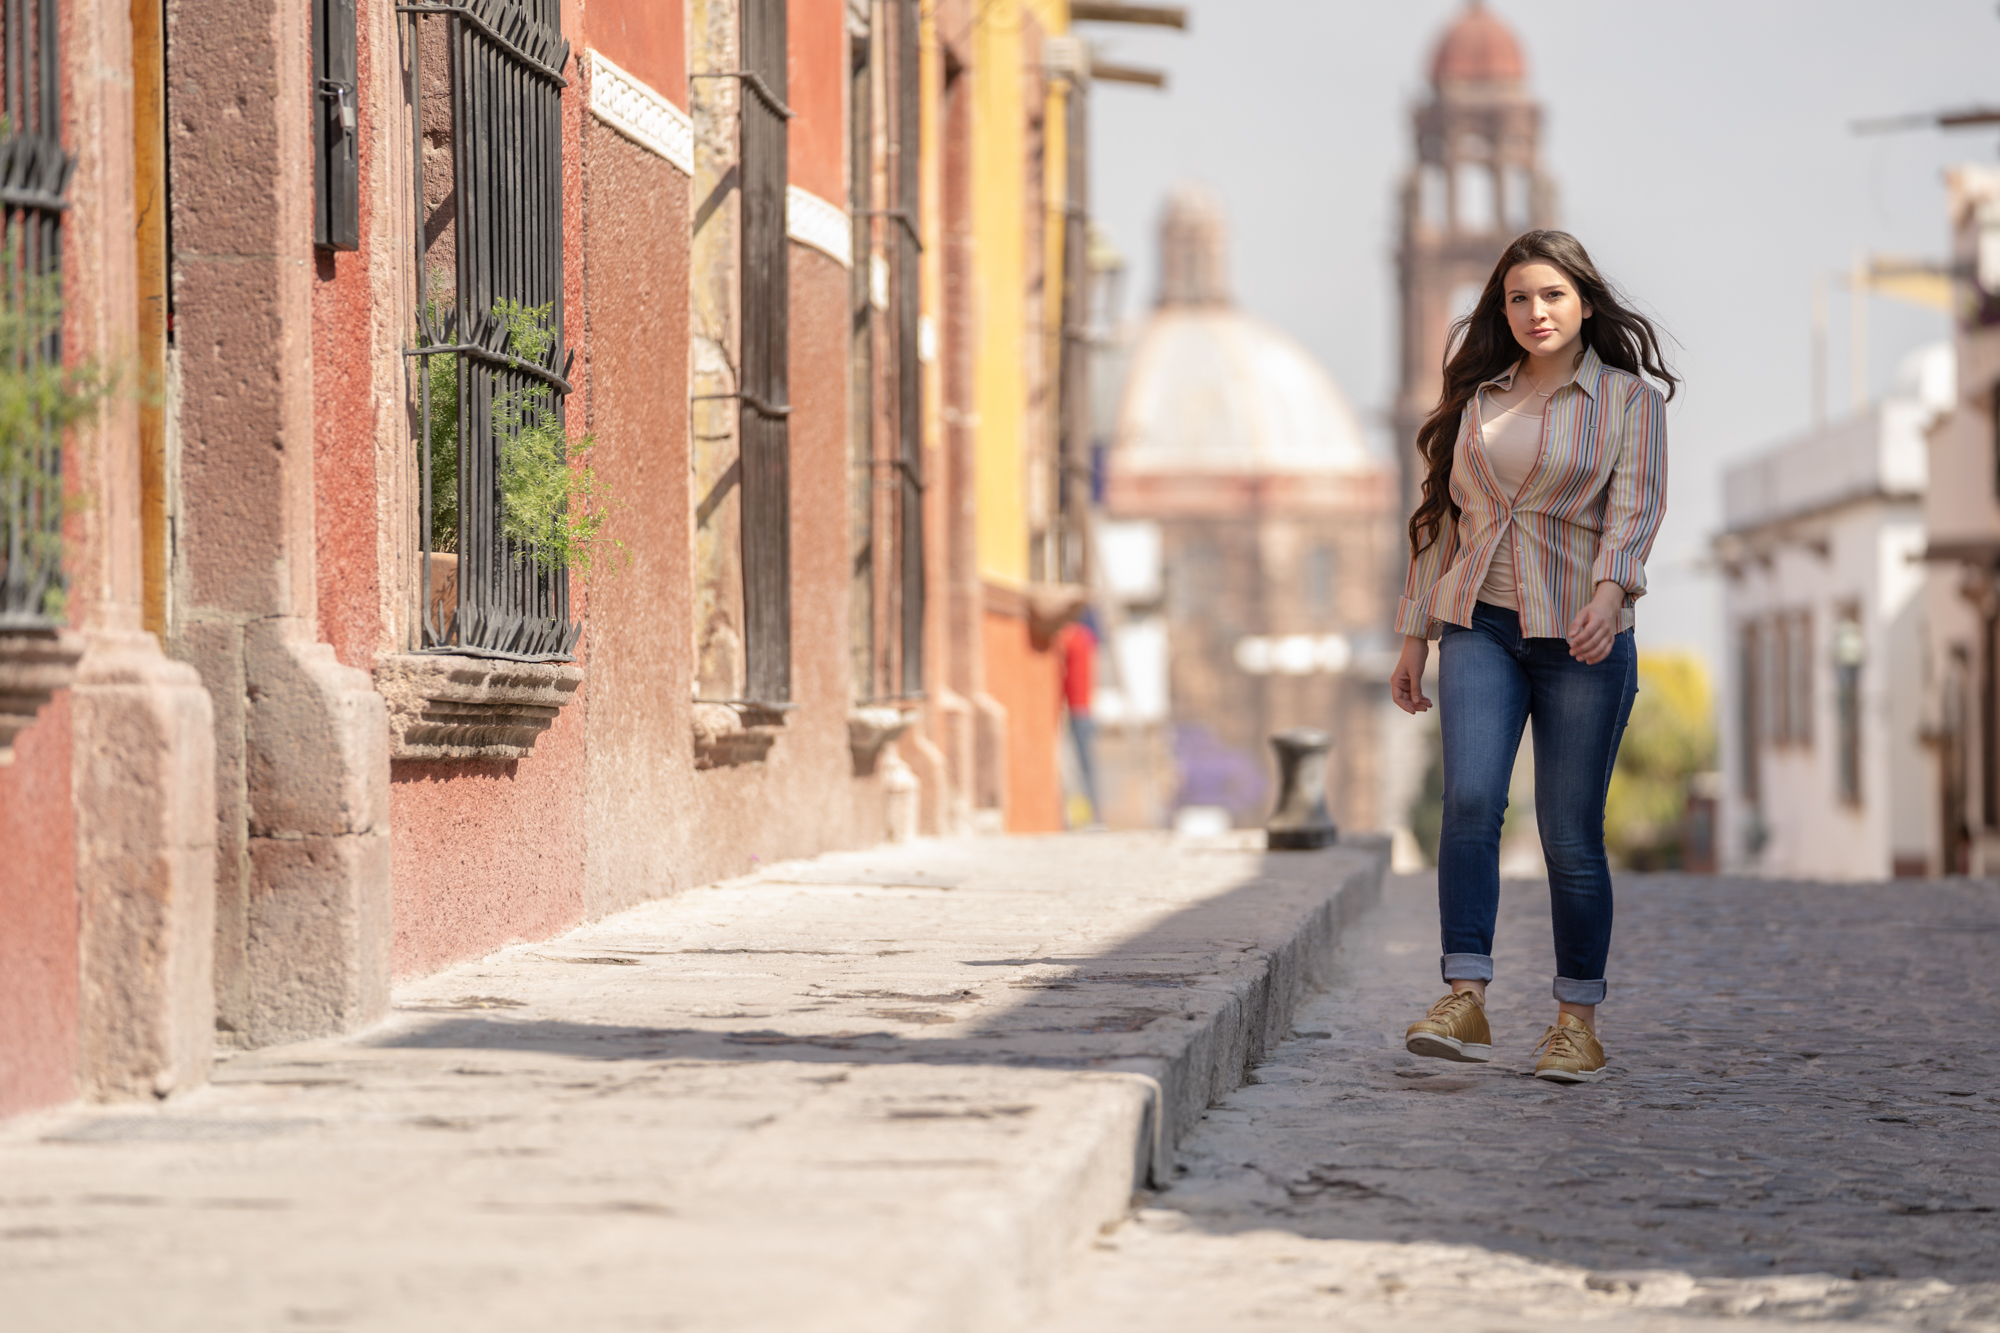 Sesion de Fotos en San Miguel de Allende con Rogelio y su Fmailia-32.jpg